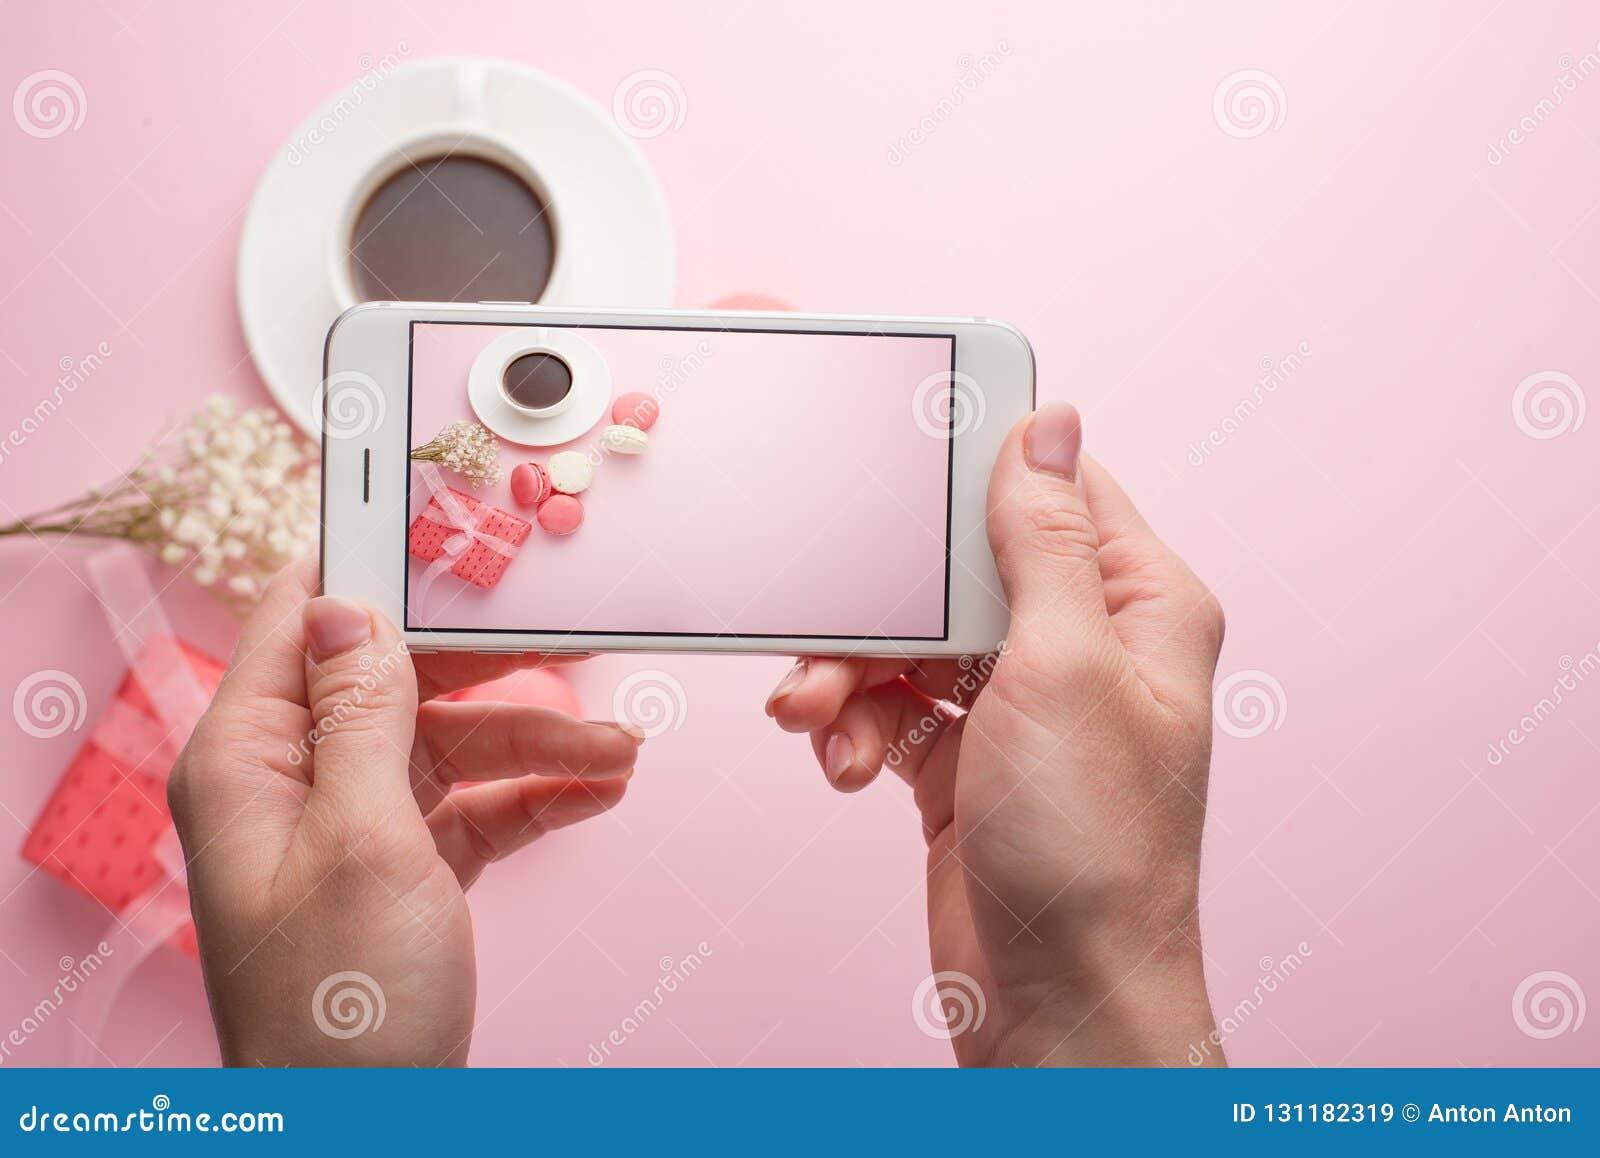 Mädchen macht Fotos an einem Telefon auf einem rosa Hintergrund des Kaffees und der Makronen, für ein instagram